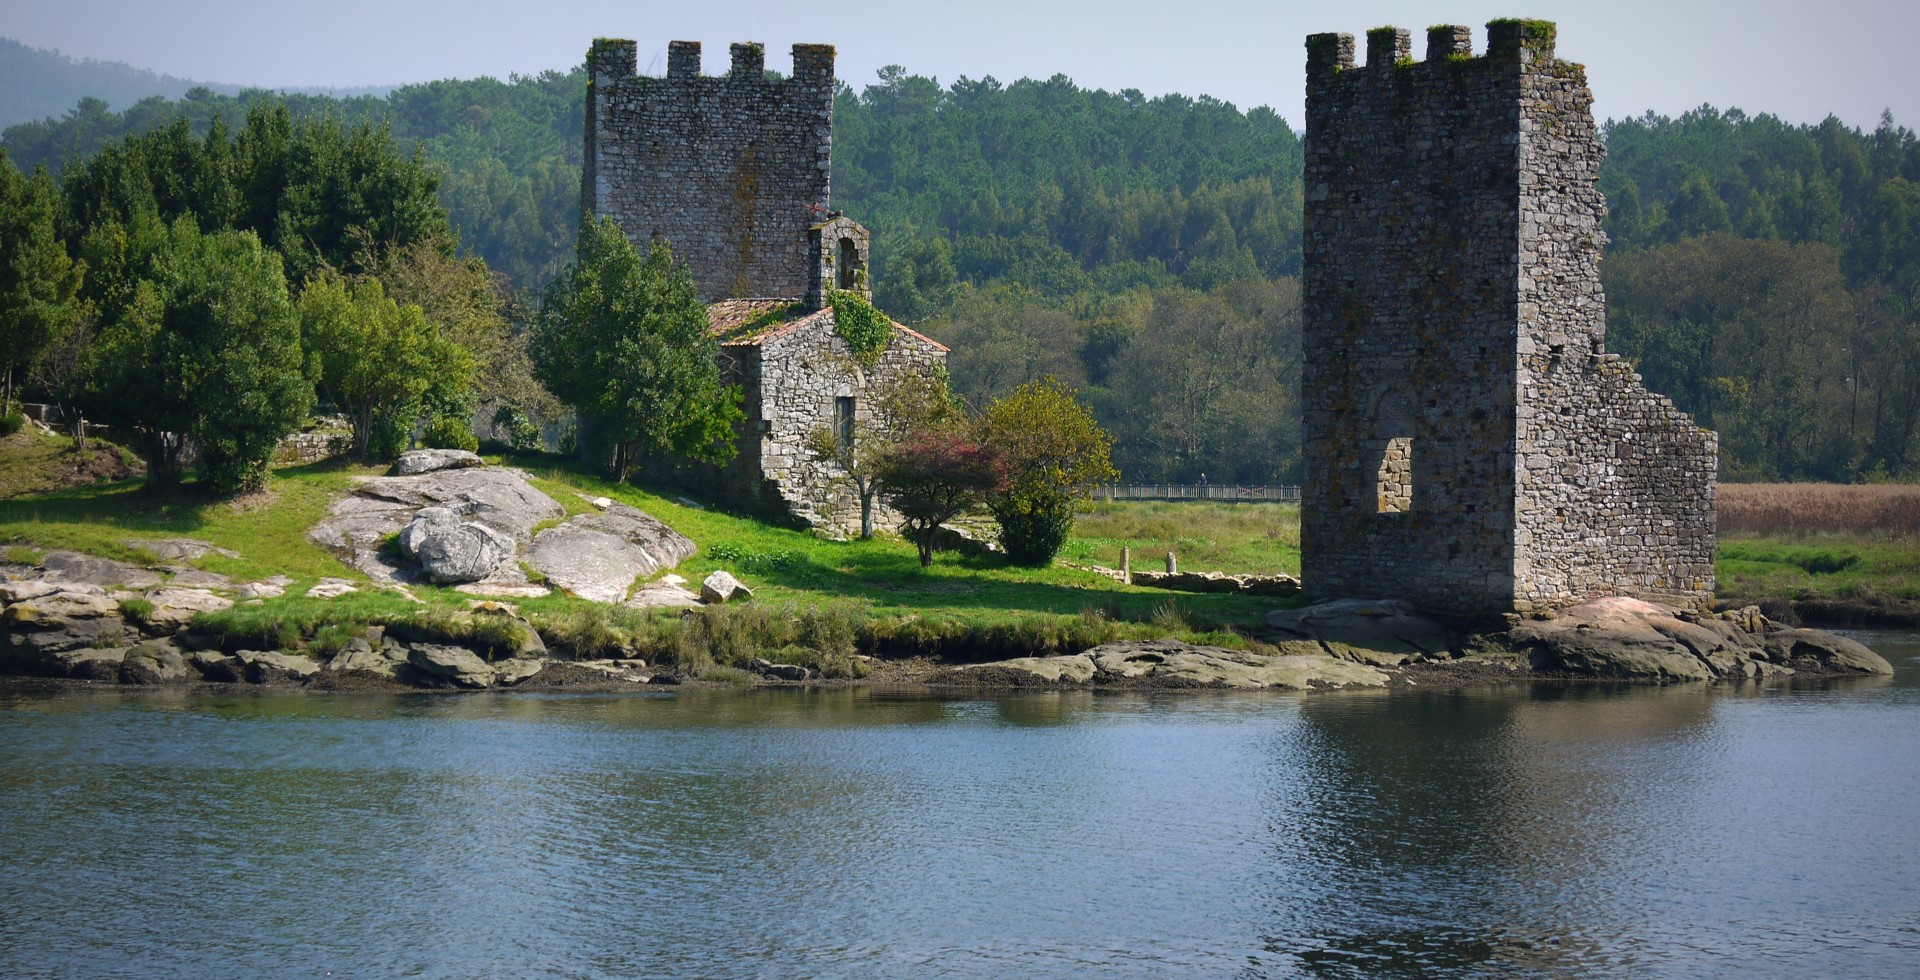 Torres do Oeste, em Catoira, onde segundo alguns autores teve lugar a batalha na que Crescónio derrotou Ulf, O Galego / pinterest.es